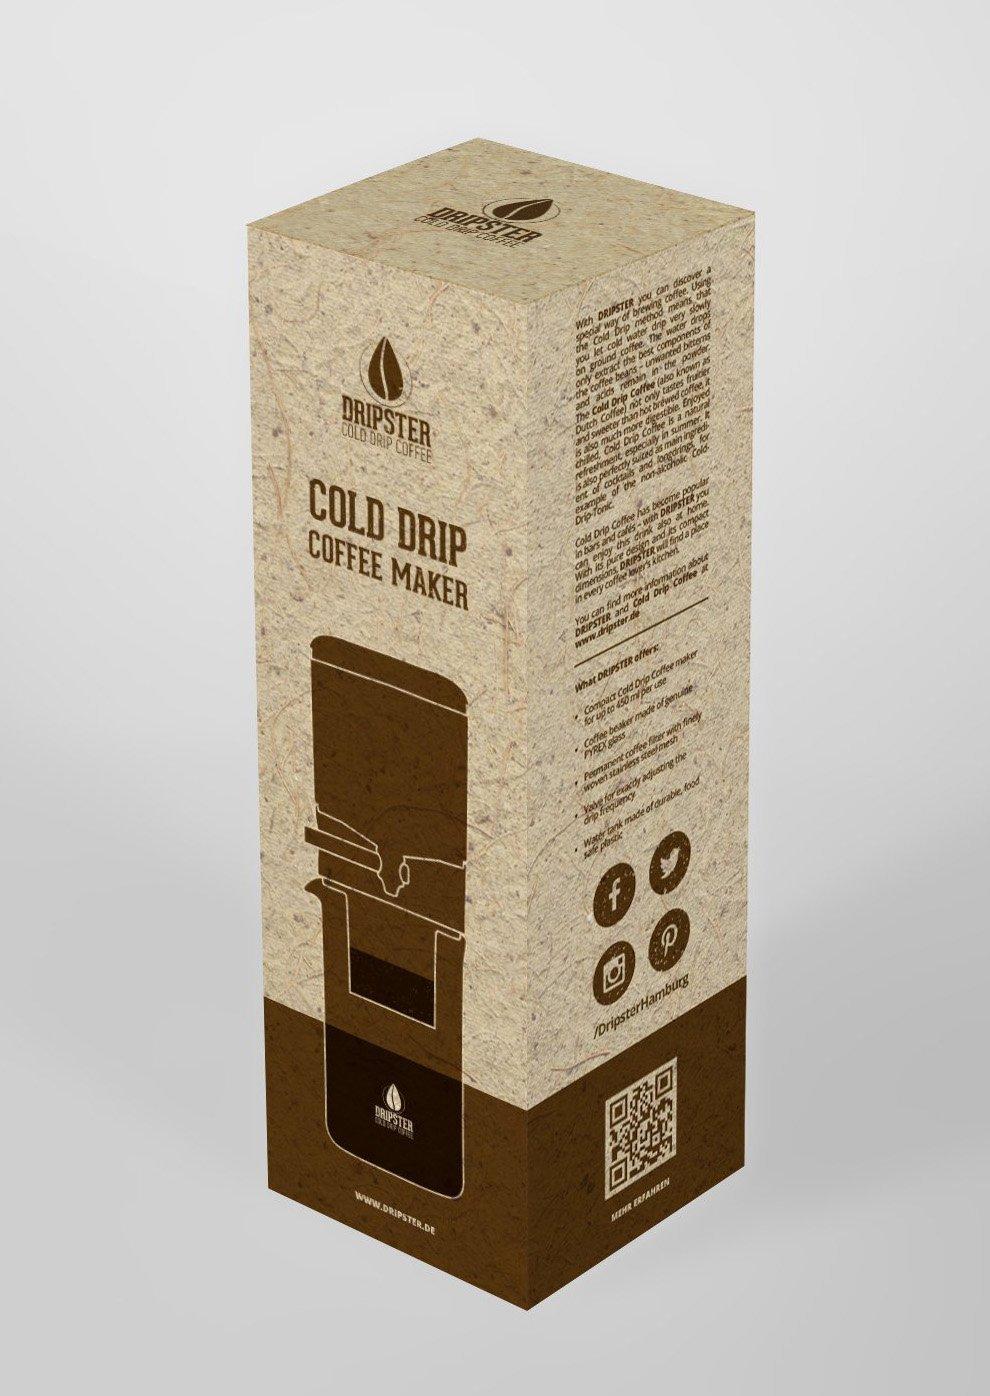 Dripster Soğuk Kahve Demleyici